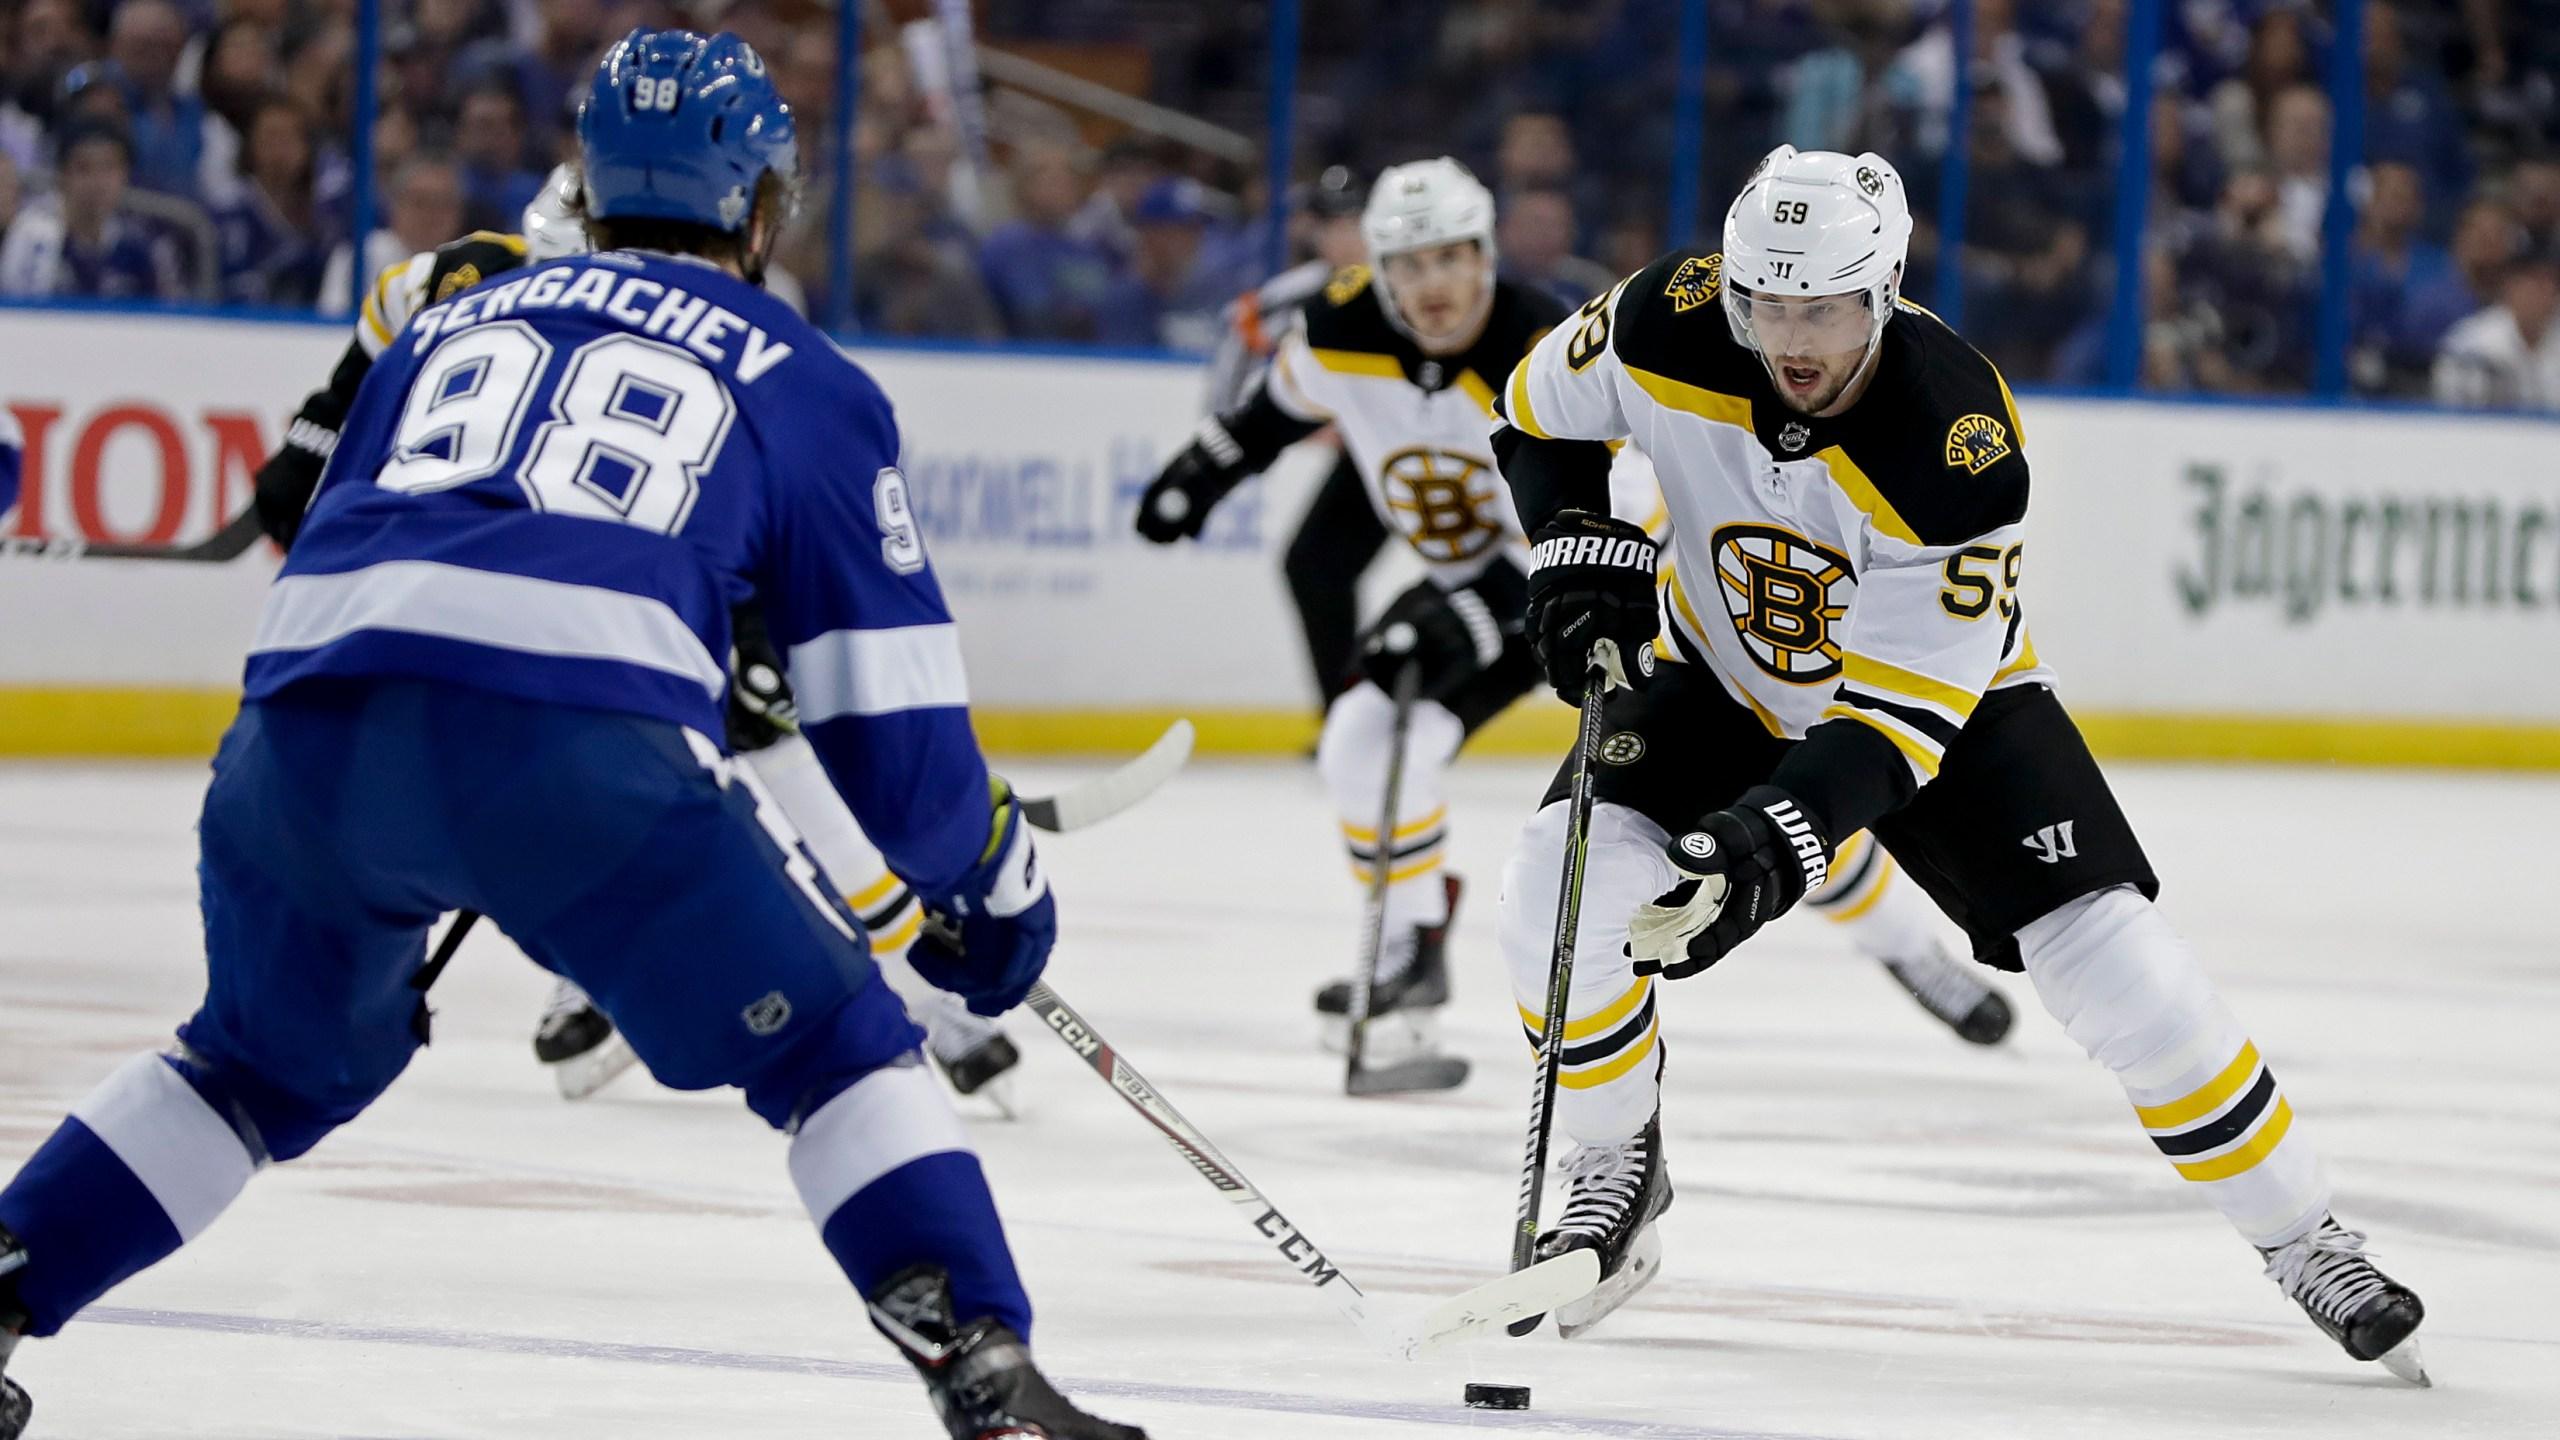 Bruins_Lightning_Hockey_93527-159532.jpg76207805